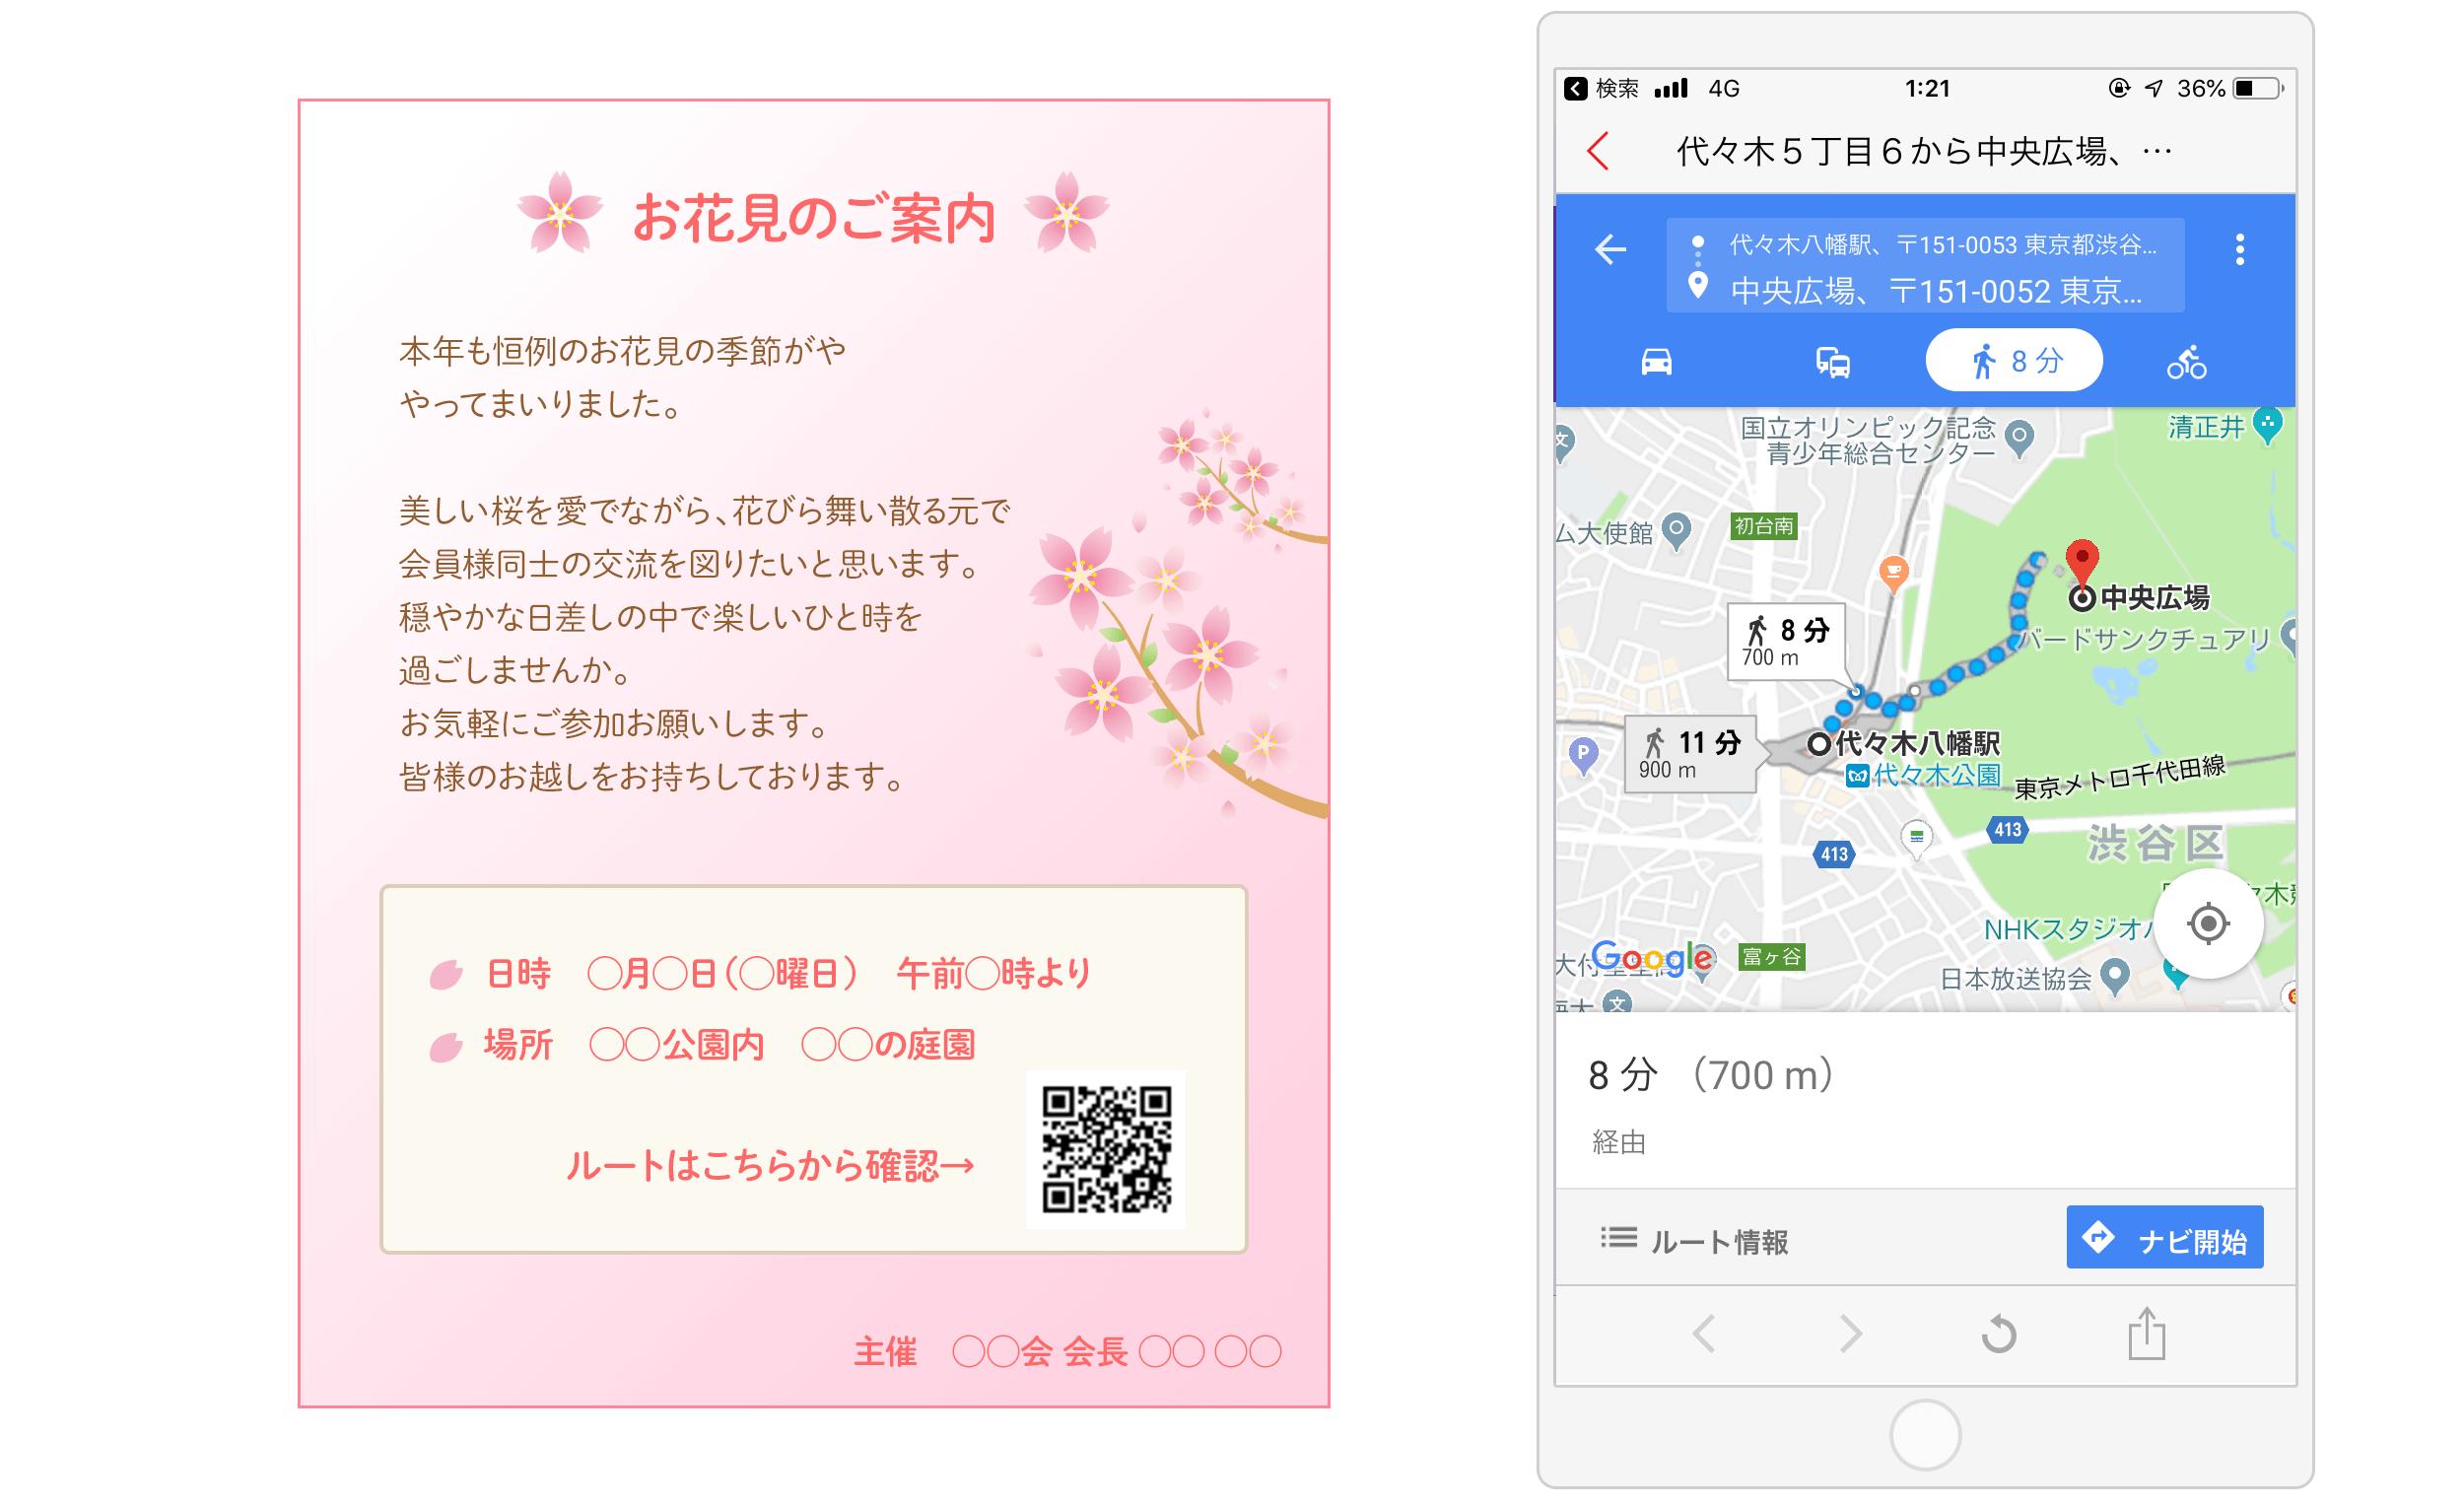 QRコードを活用してお花見のルートを紹介するインビテーションカードとQRコード読み取りイメージ